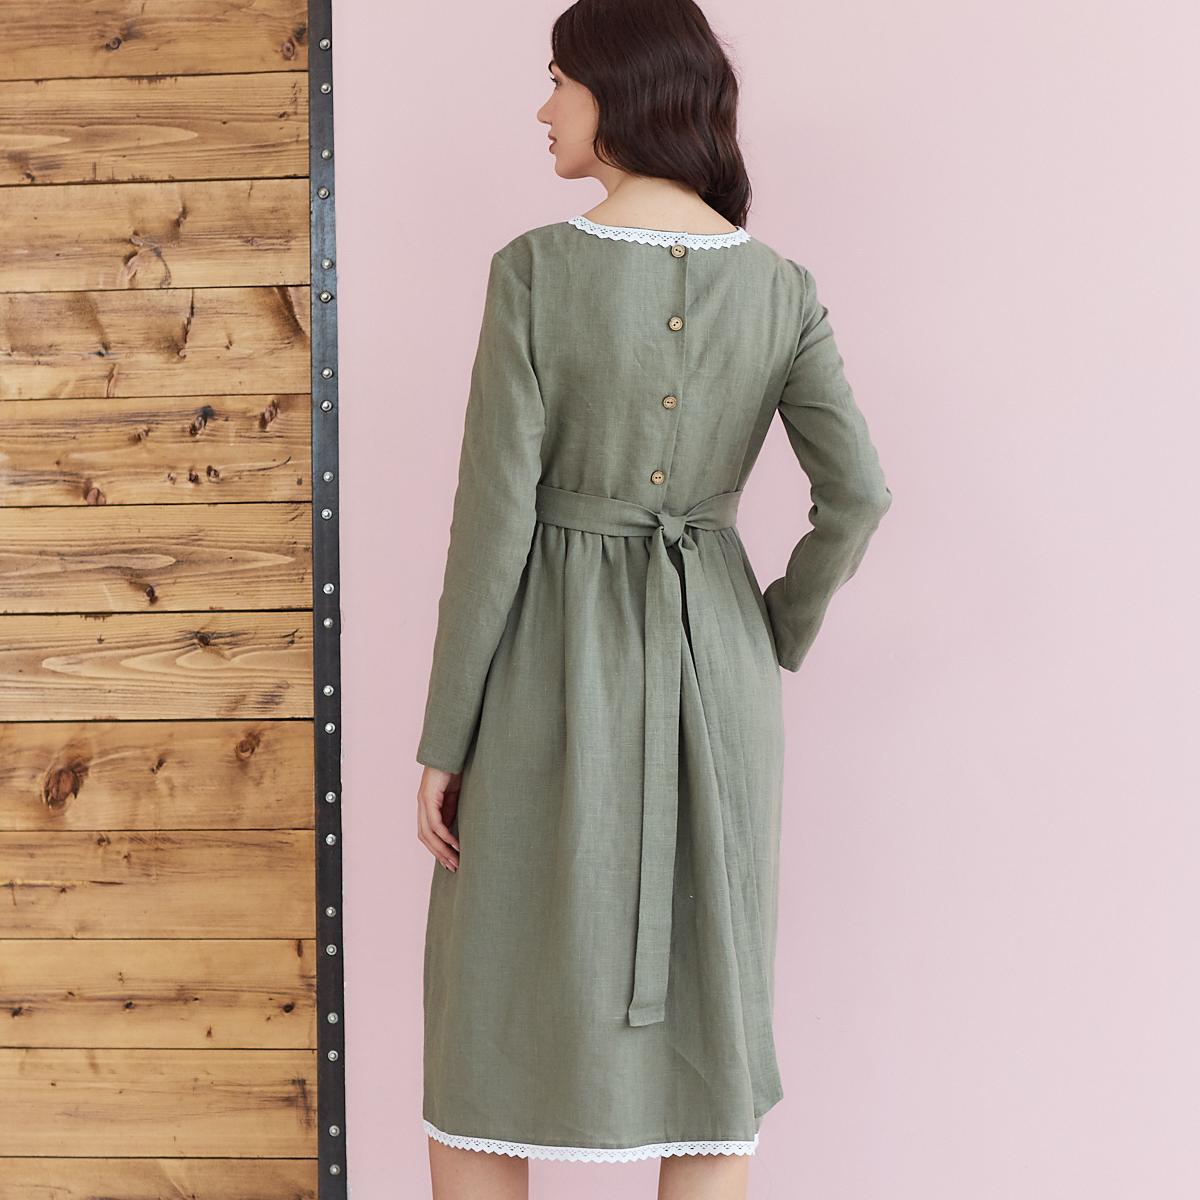 Платье женское льняное с хлопковым кружевом оливкового цвета - фото 4